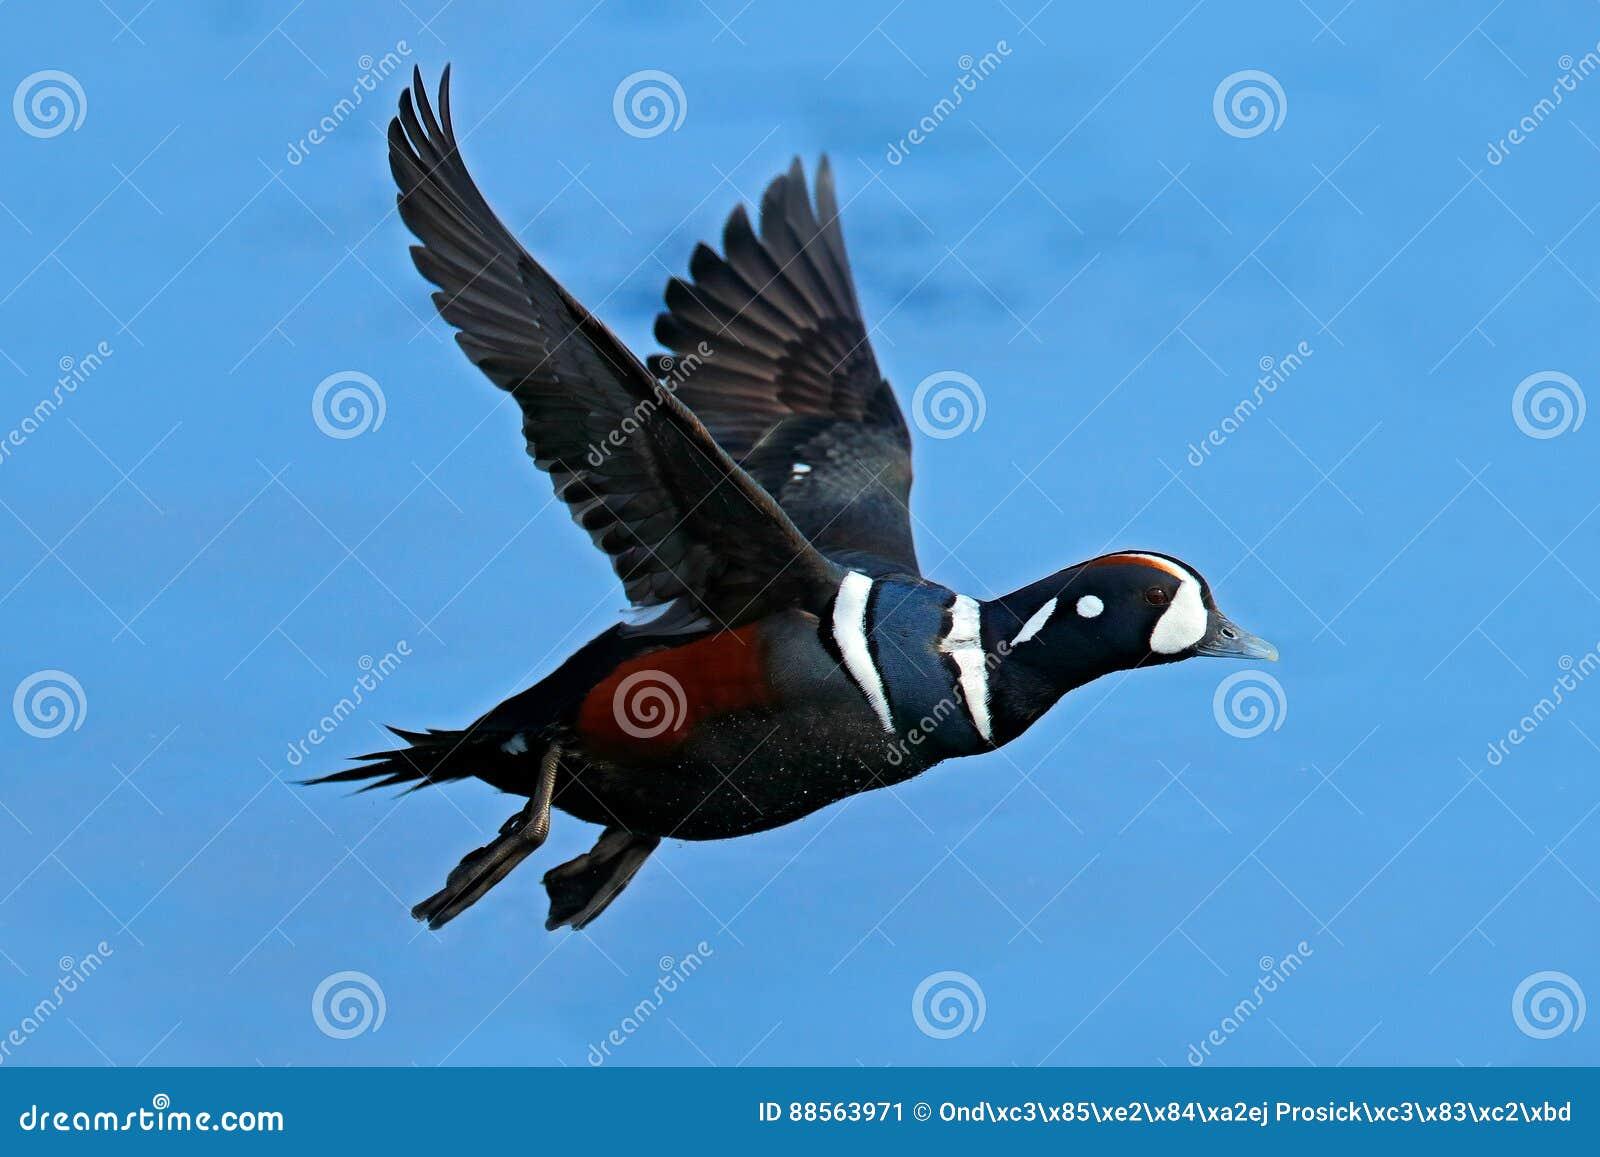 Moretta arlecchino, histrionicus di Histrionicus, uccello in mosca Bei uccelli di mare che volano sopra l acqua di mare blu scuro